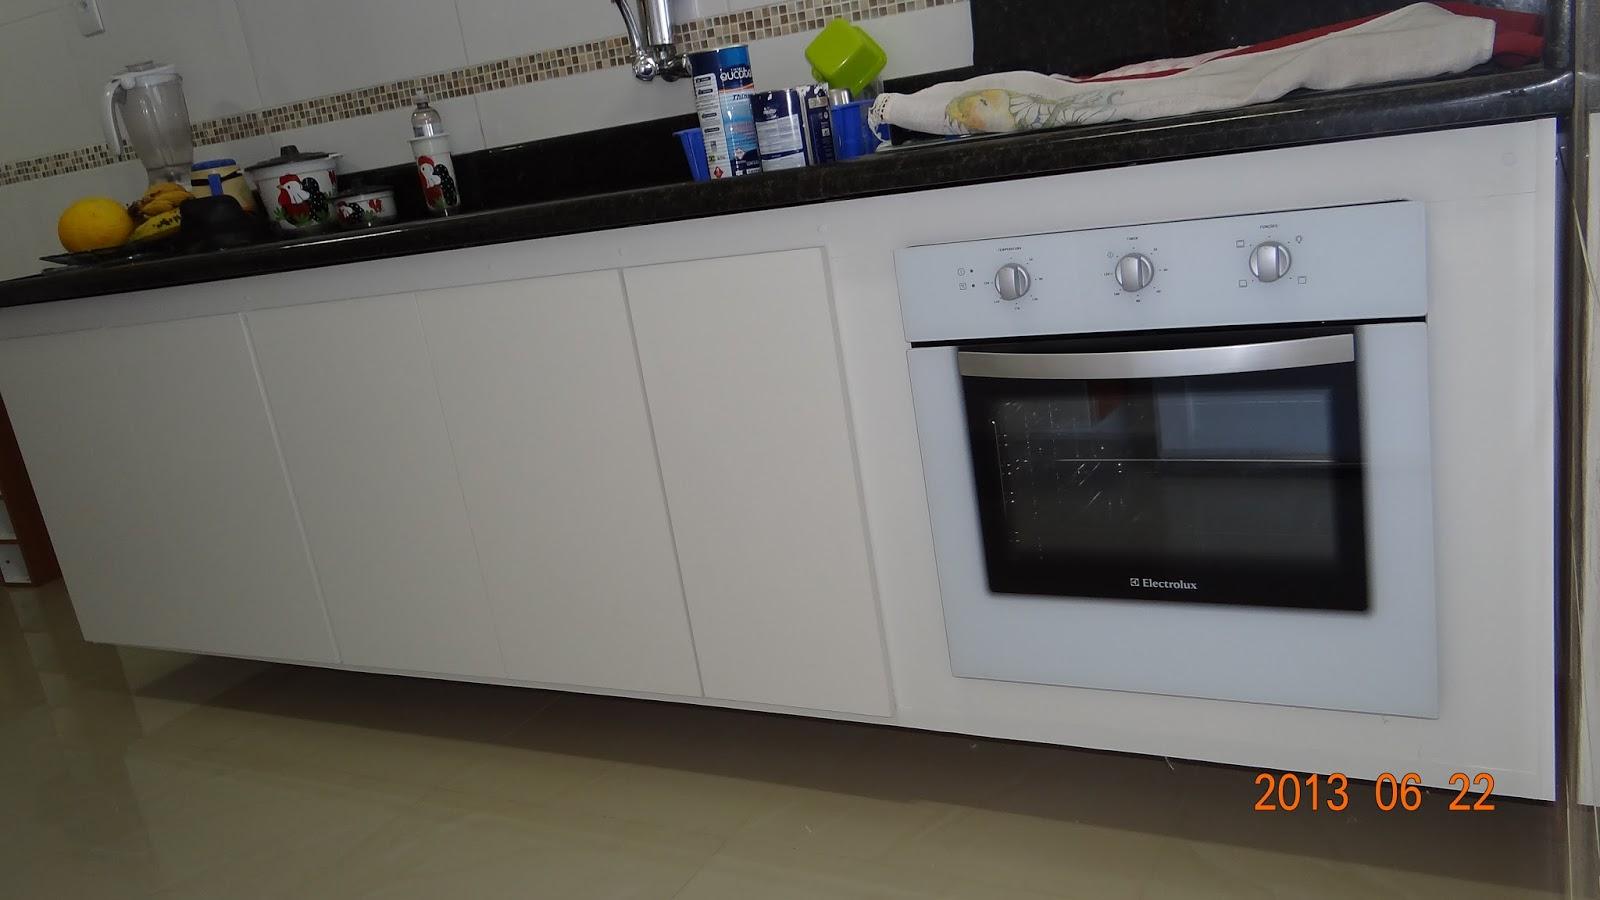 #4E630C Gabinete pia cozinha com forno elétrico embutido em MDF branco com 5  1600x900 px Gabinete Para Pia De Cozinha Lojas Americanas_3501 Imagens